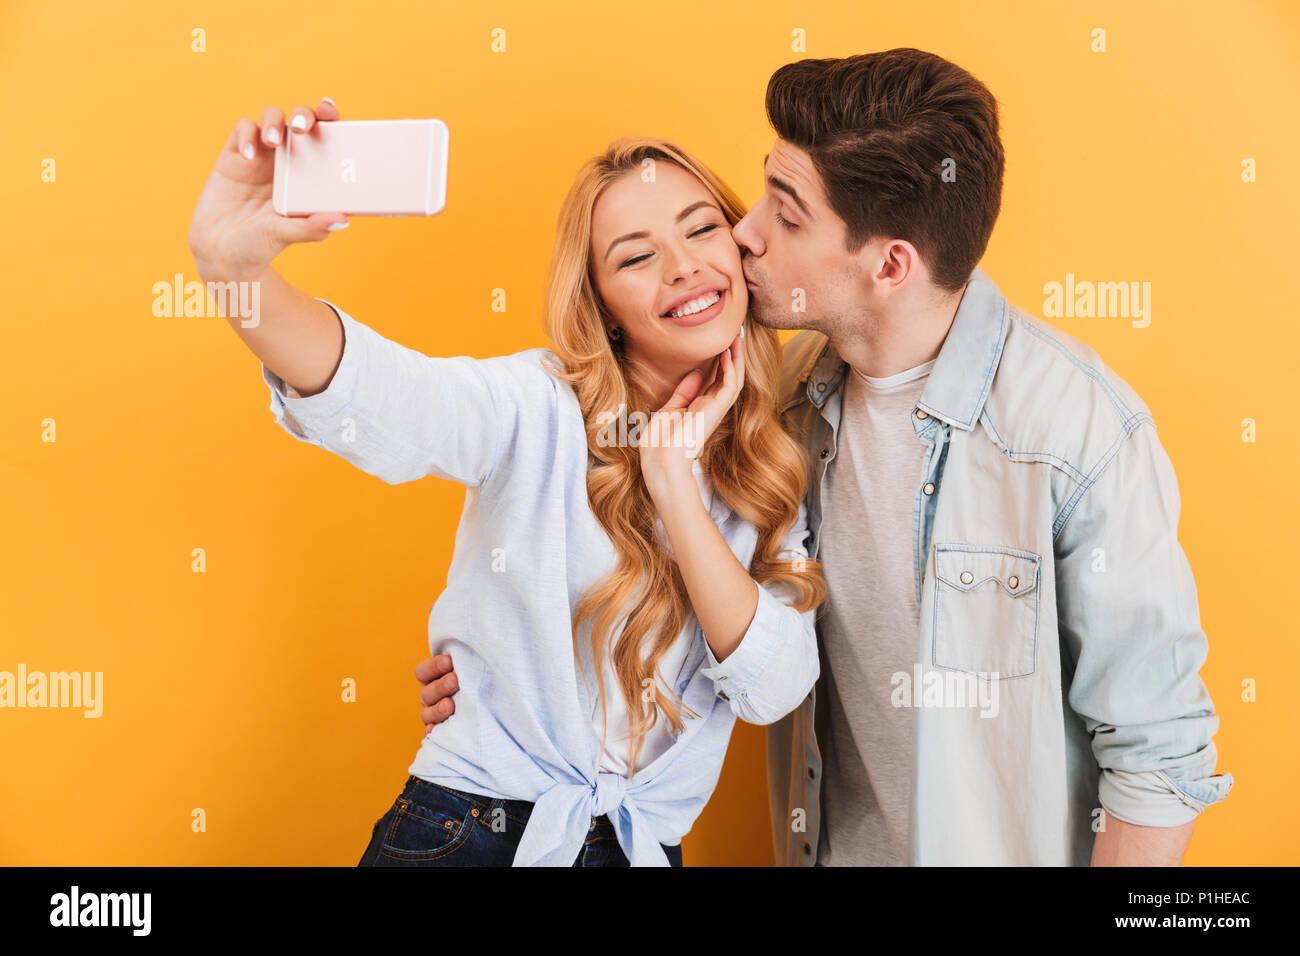 Portrait von Paar schöne unter selfie Foto auf Handy, während Mann Frau Küssen auf die Wange über Gelb Hintergrund isoliert Stockbild